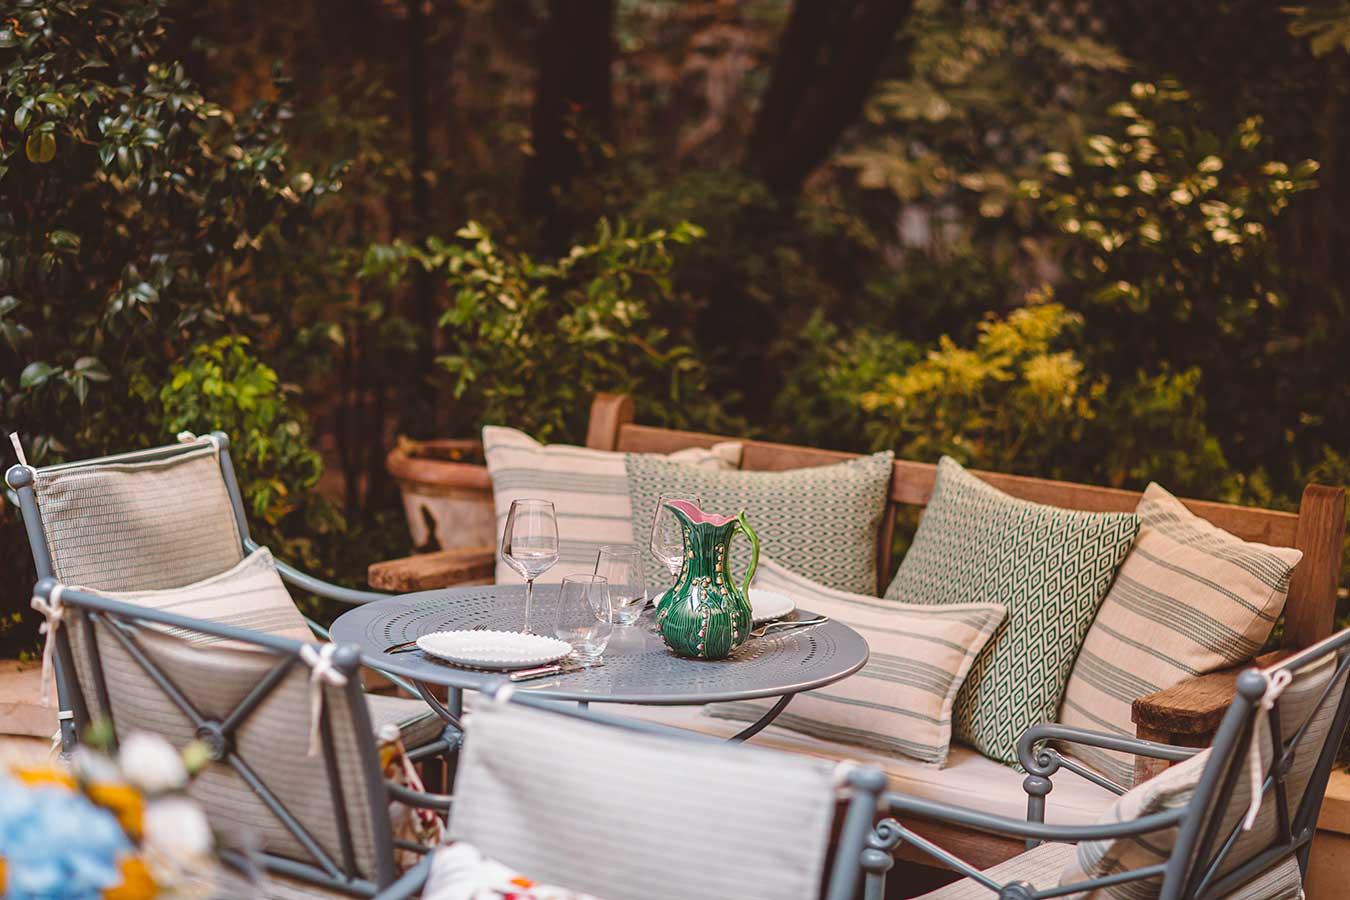 Jardin - Table de jardin dressée avec chaises et banquettes avec coussins dans les tons vert et beige